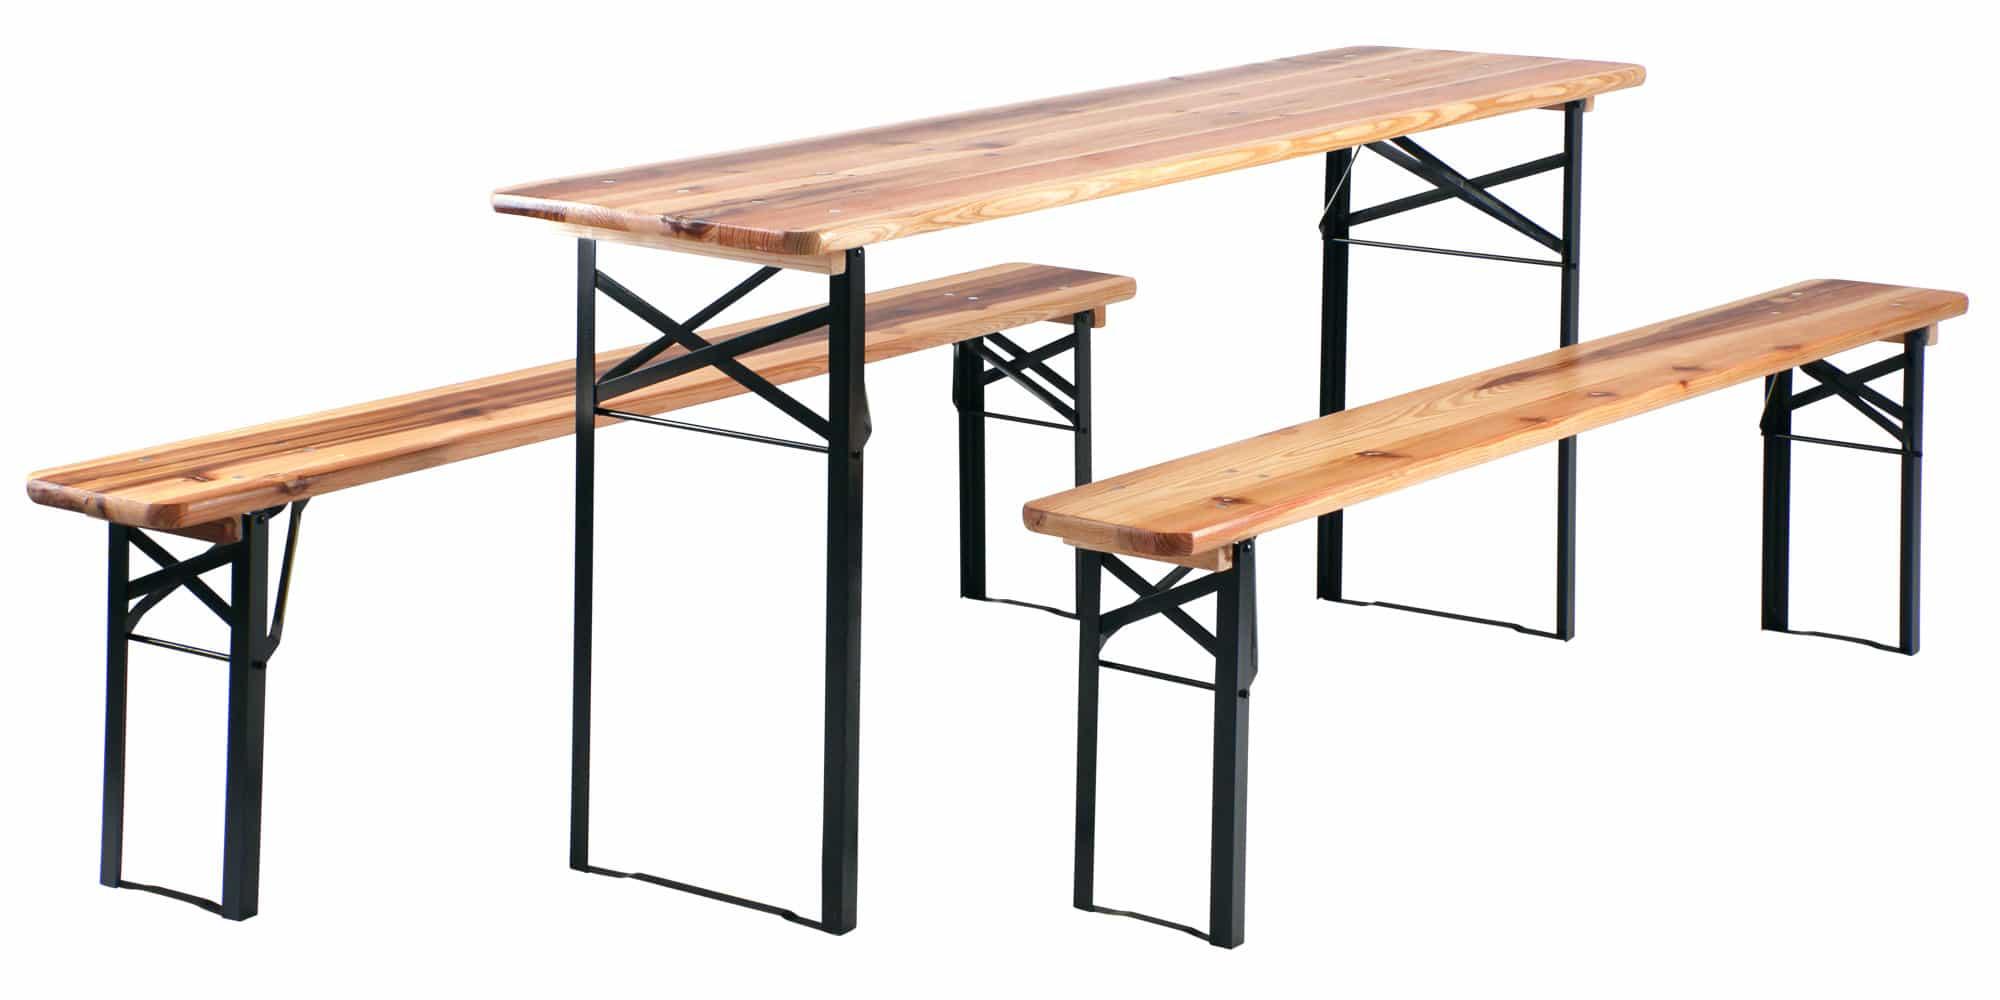 Stagecaptain Hirschgarten Bierzeltgarnitur 2 x Bank und Tisch, Länge 177 cm